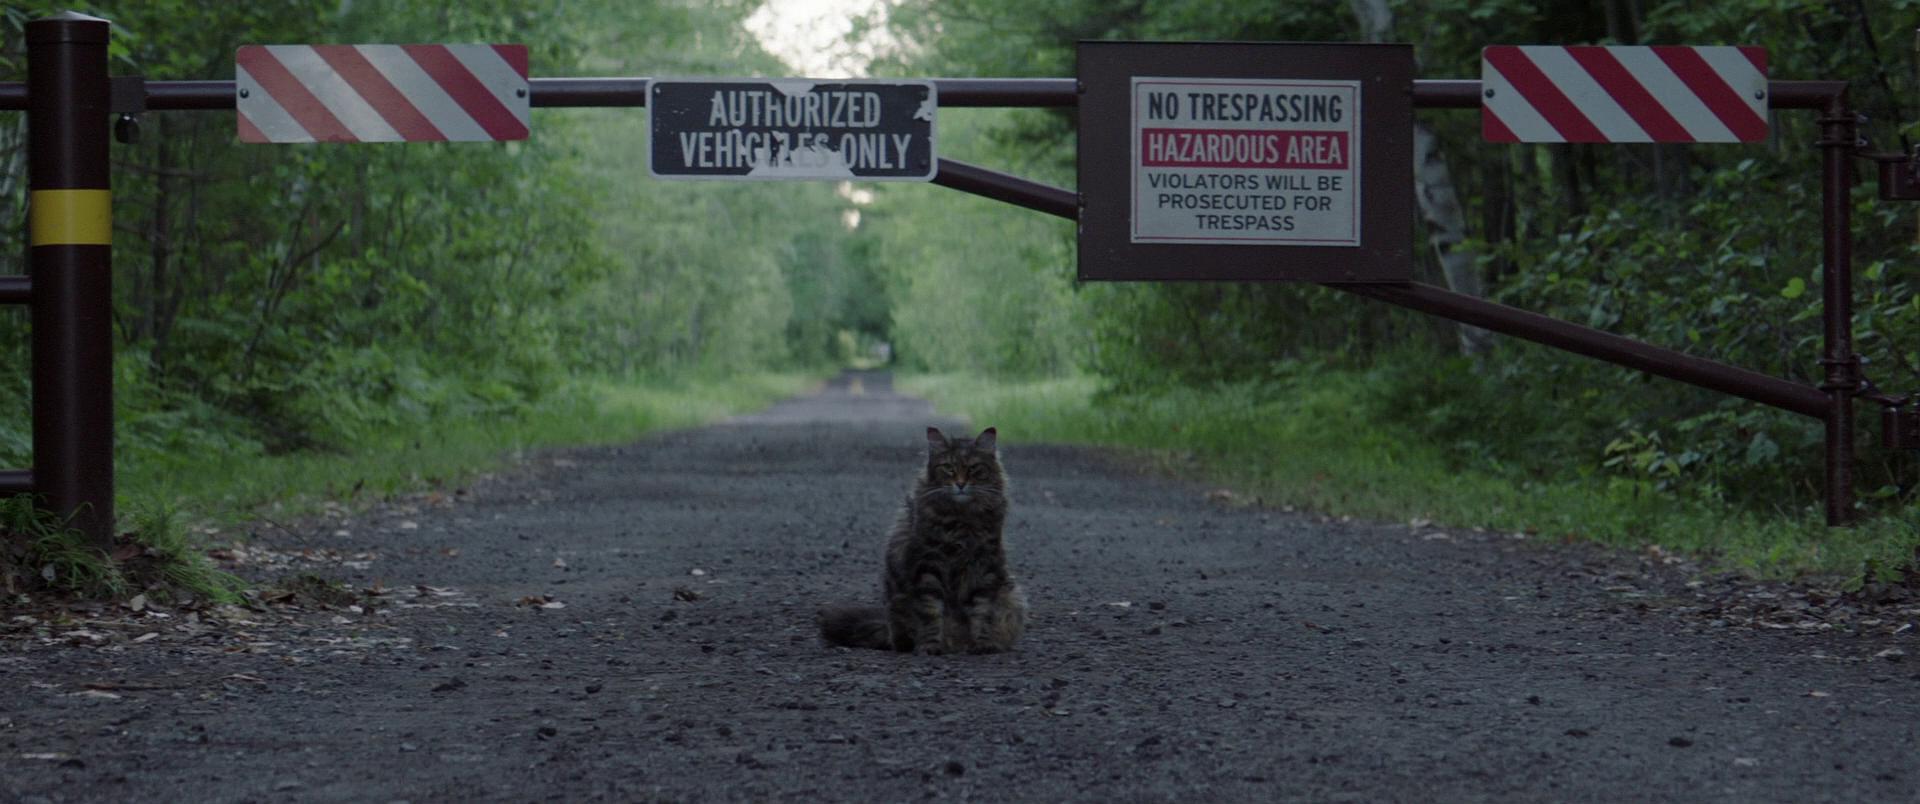 Изображение для Кладбище домашних животных / Pet Sematary (2019) BDRip 1080p (кликните для просмотра полного изображения)